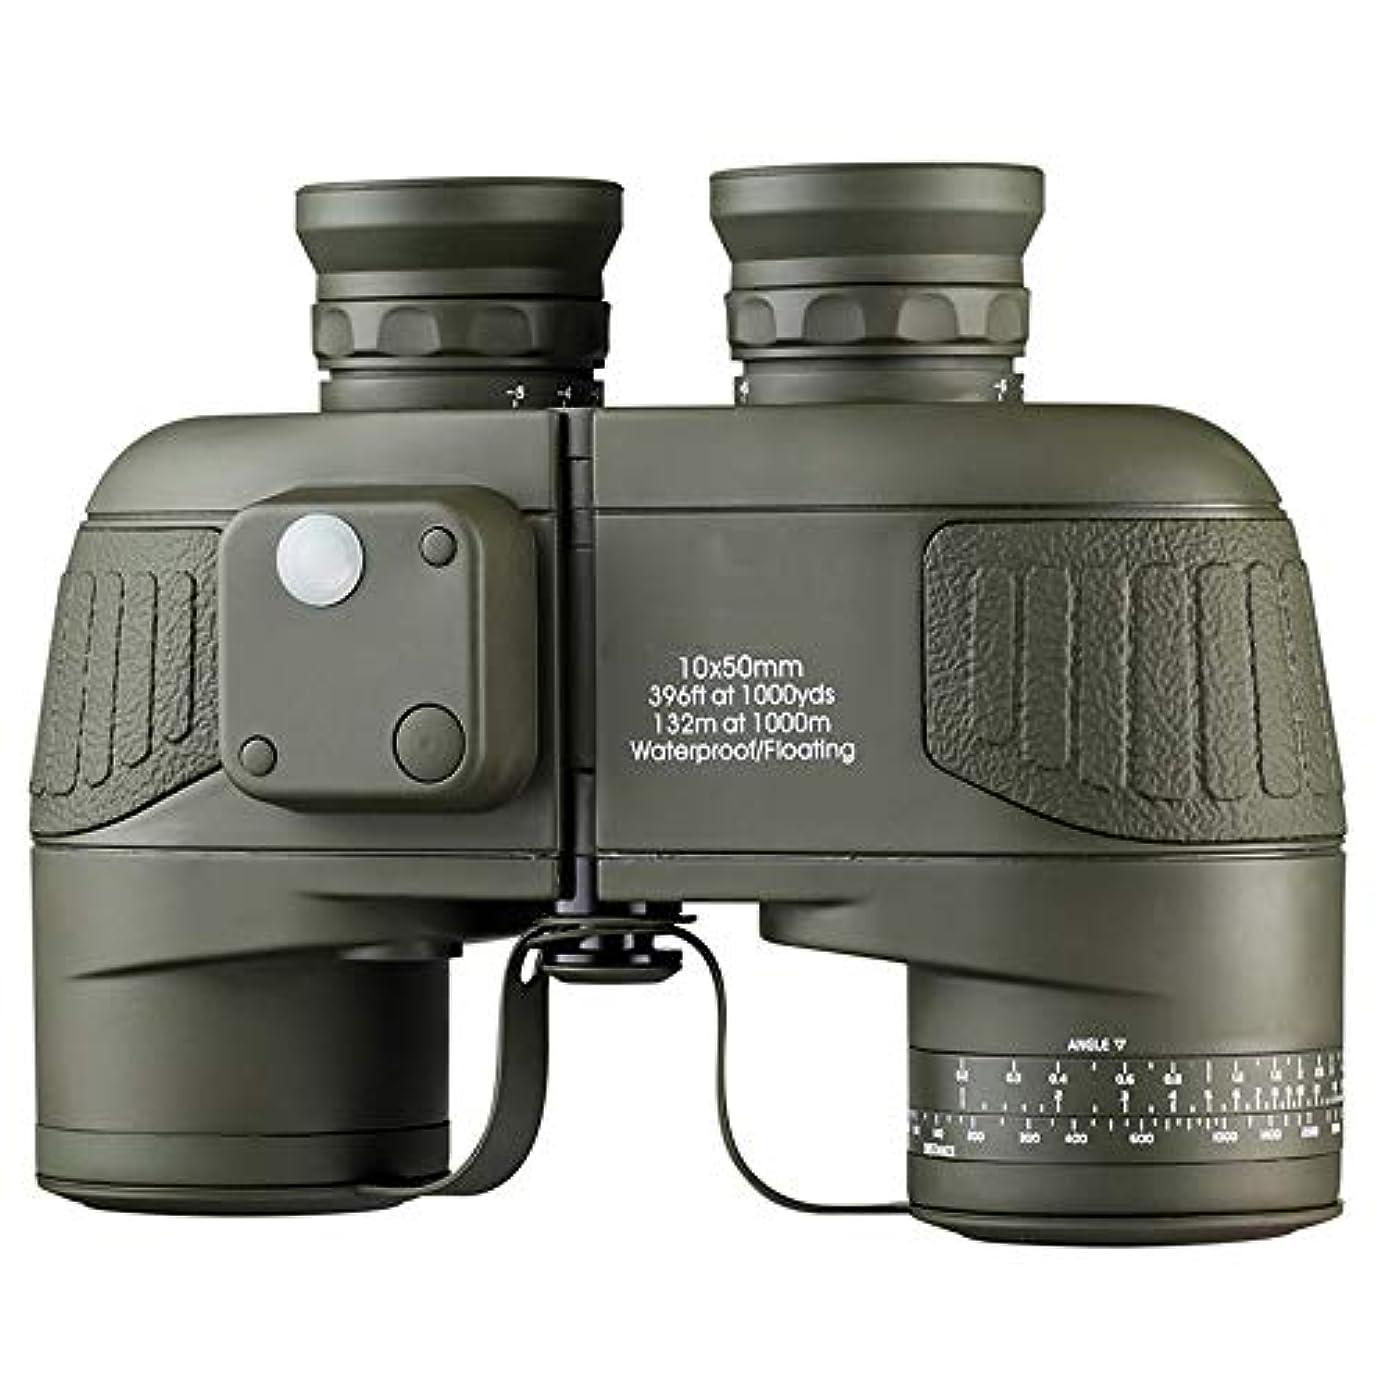 ブラザーアシュリータファーマン騒ぎ双眼鏡、防水10×50高倍率HD望遠鏡、バードウォッチングBAK4 FMC